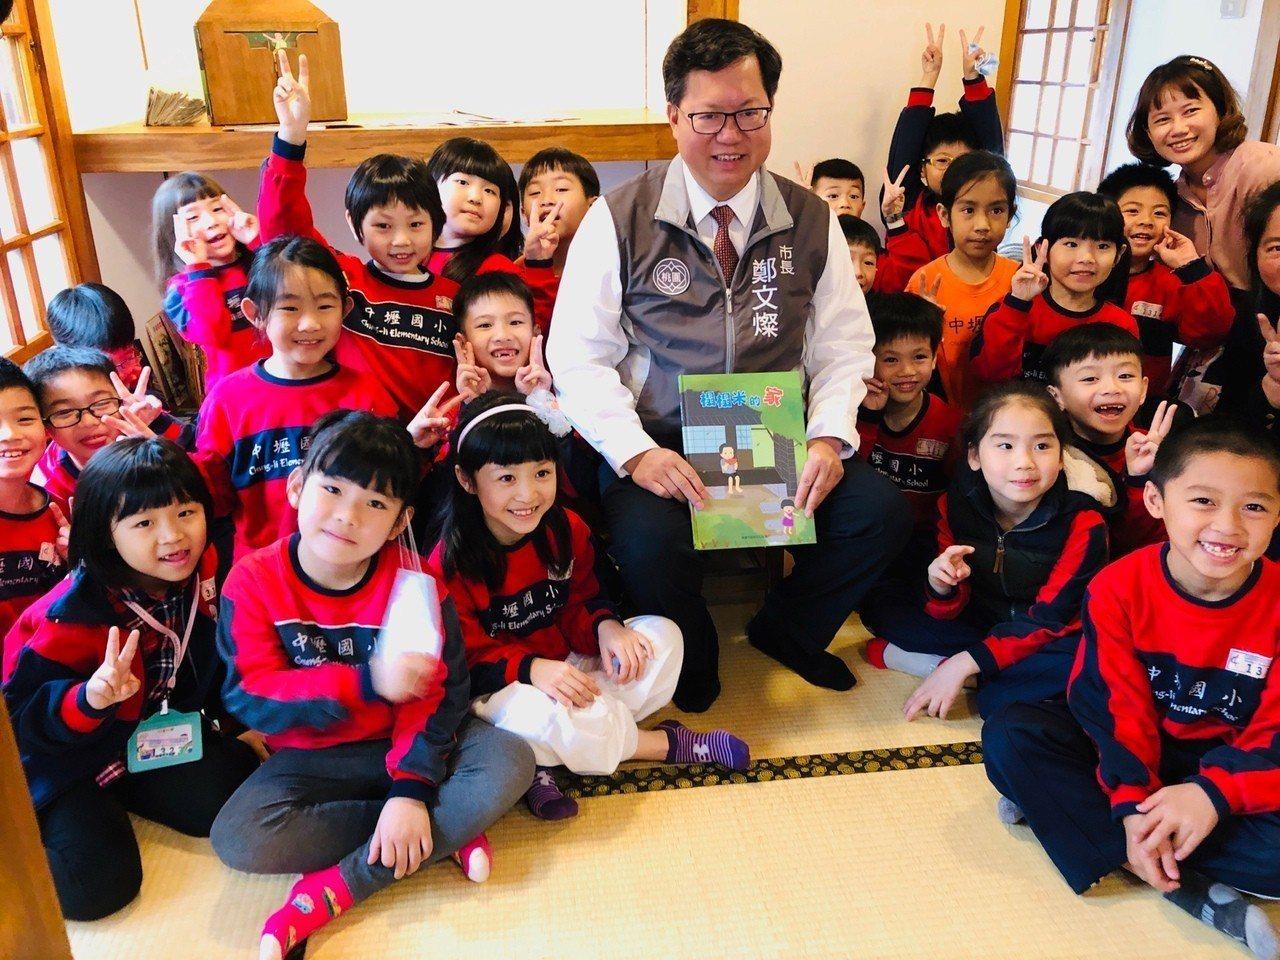 「壢小故事森林」啟用,桃園市長鄭文燦認為是兒童節最好的禮物。圖/桃園市文化局提供